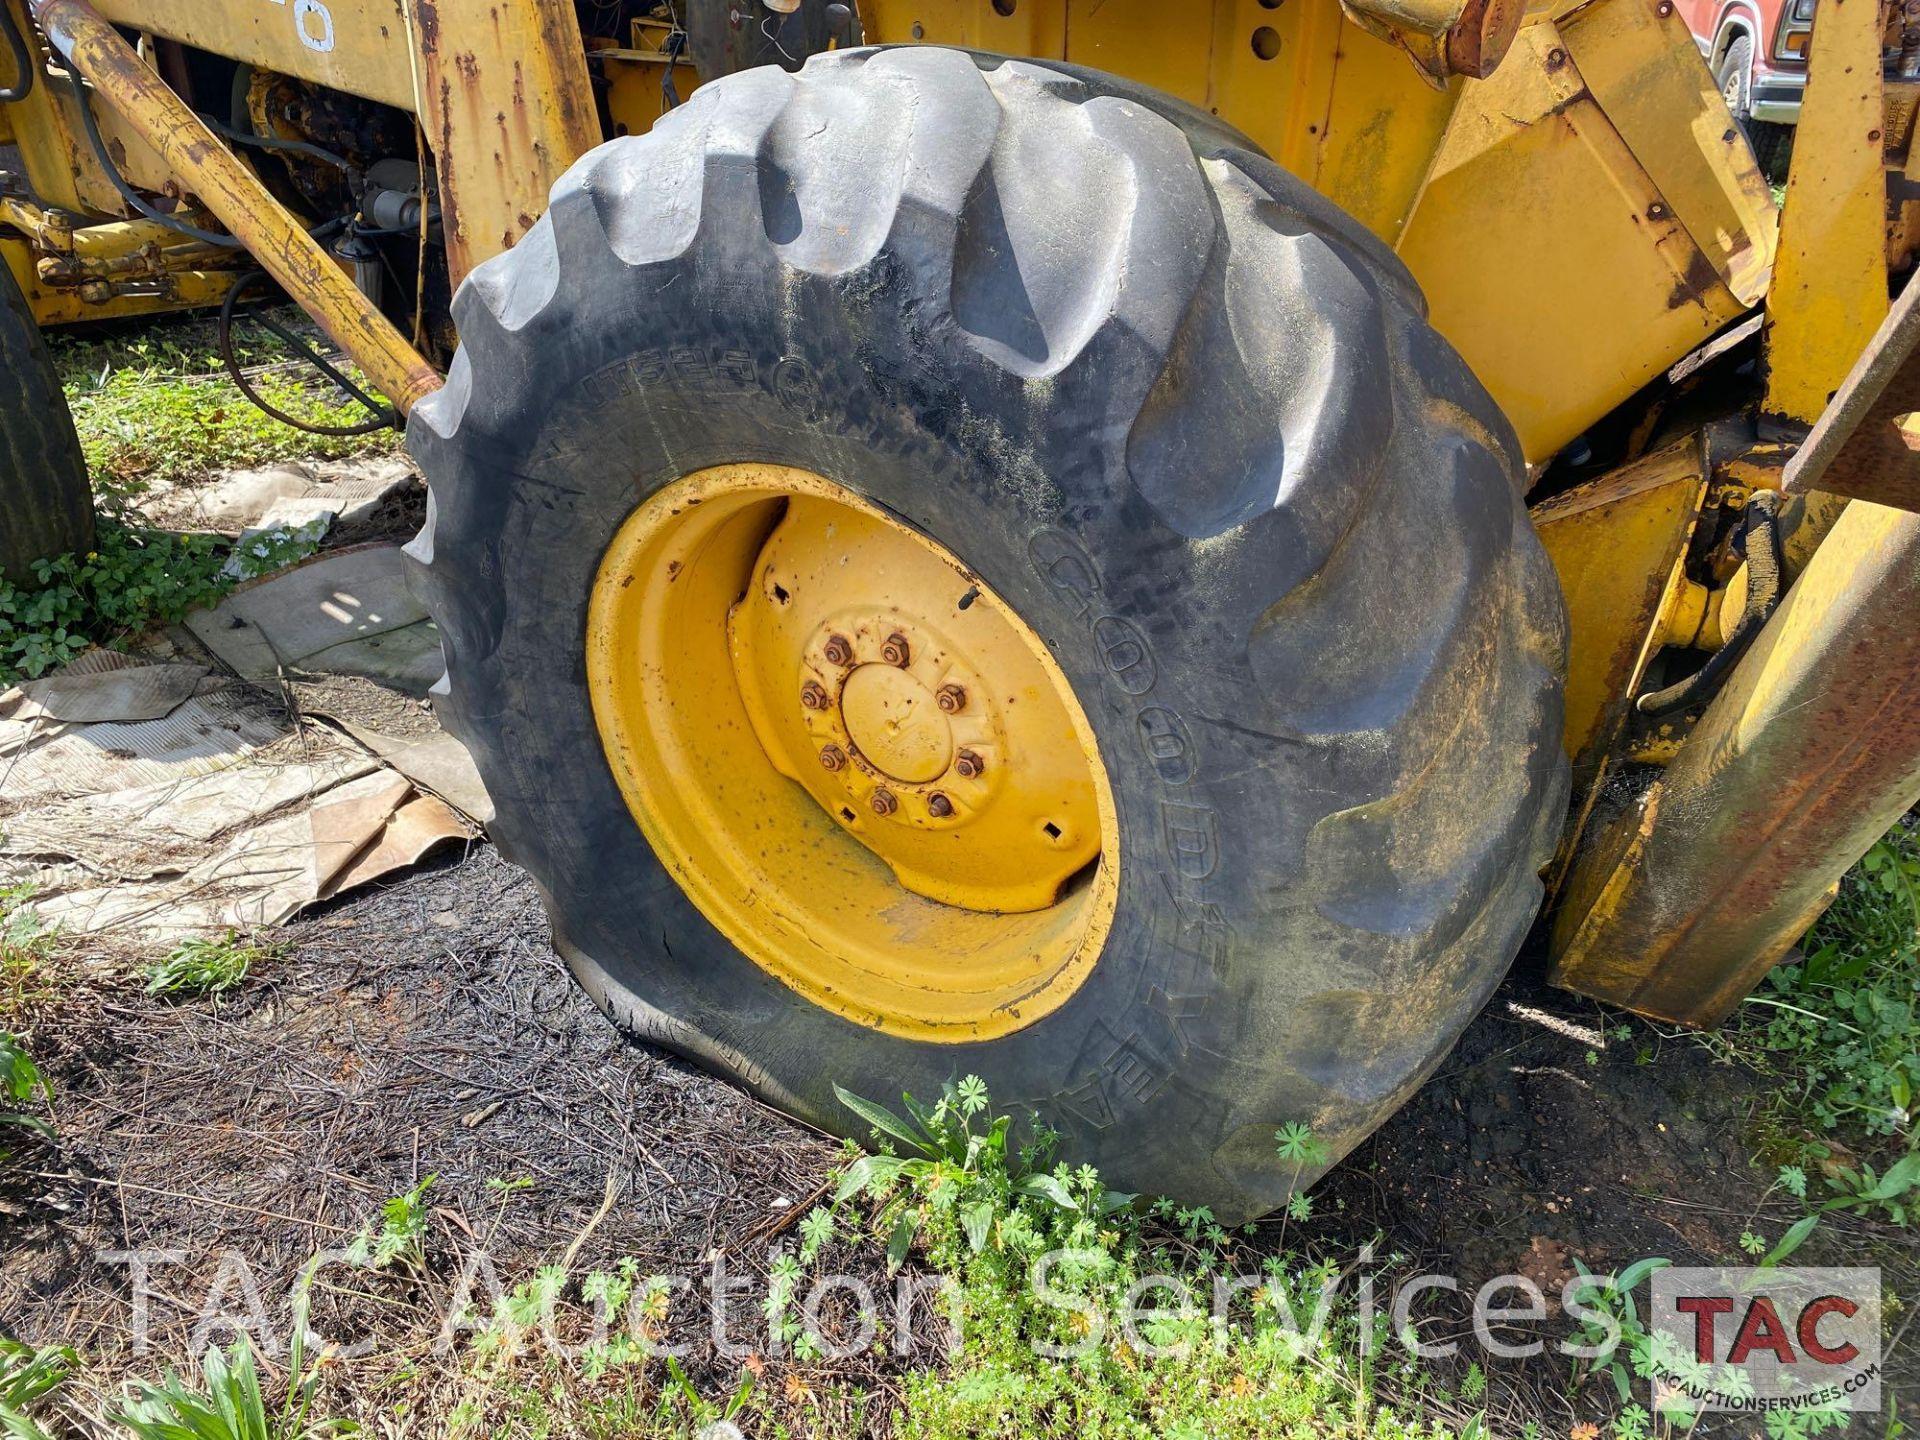 Massey Ferguson 50C Loader Backhoe - Image 42 of 45